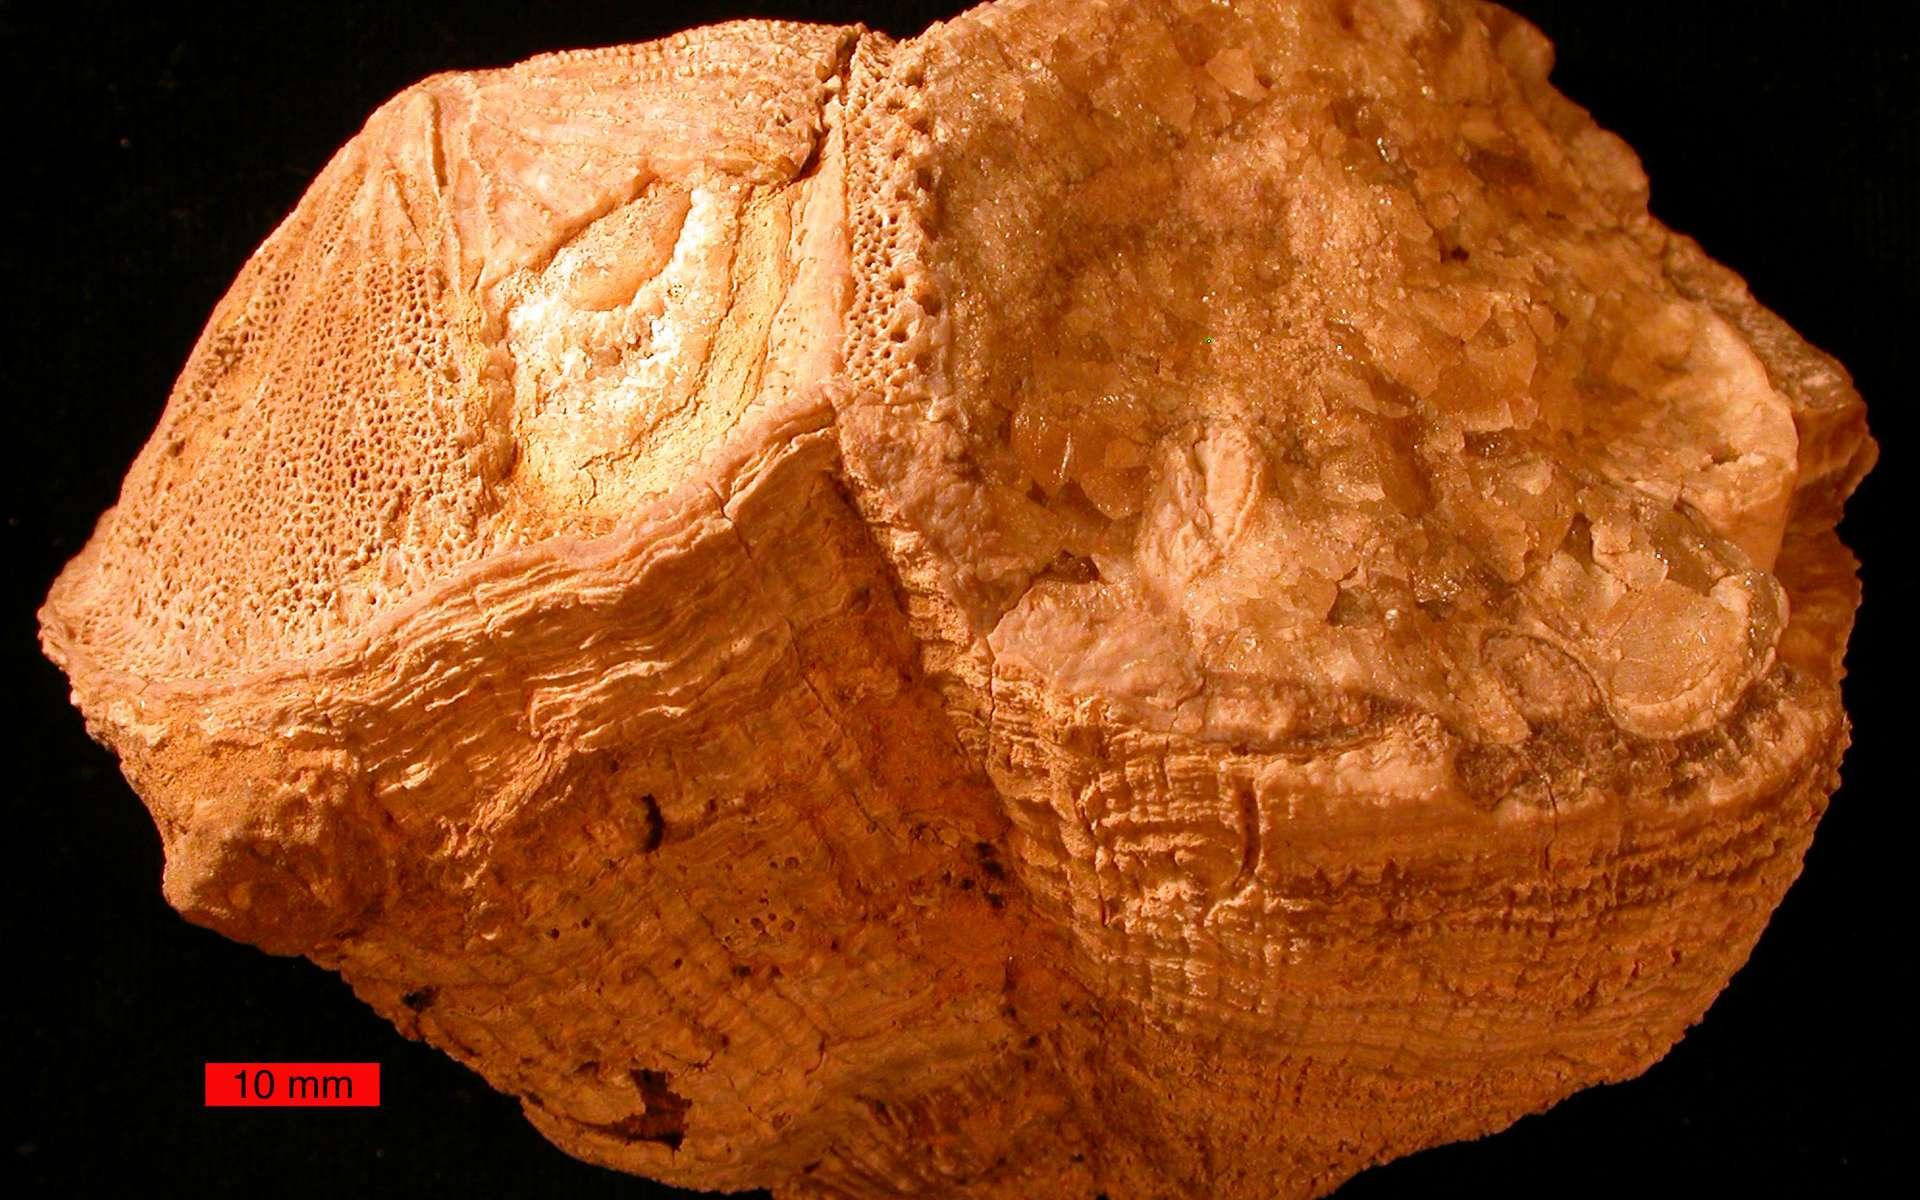 Un fossile de mollusque bivalve (Vaccinites) provenant d'Arabie Saoudite. © Wilson44691, Wikipedia